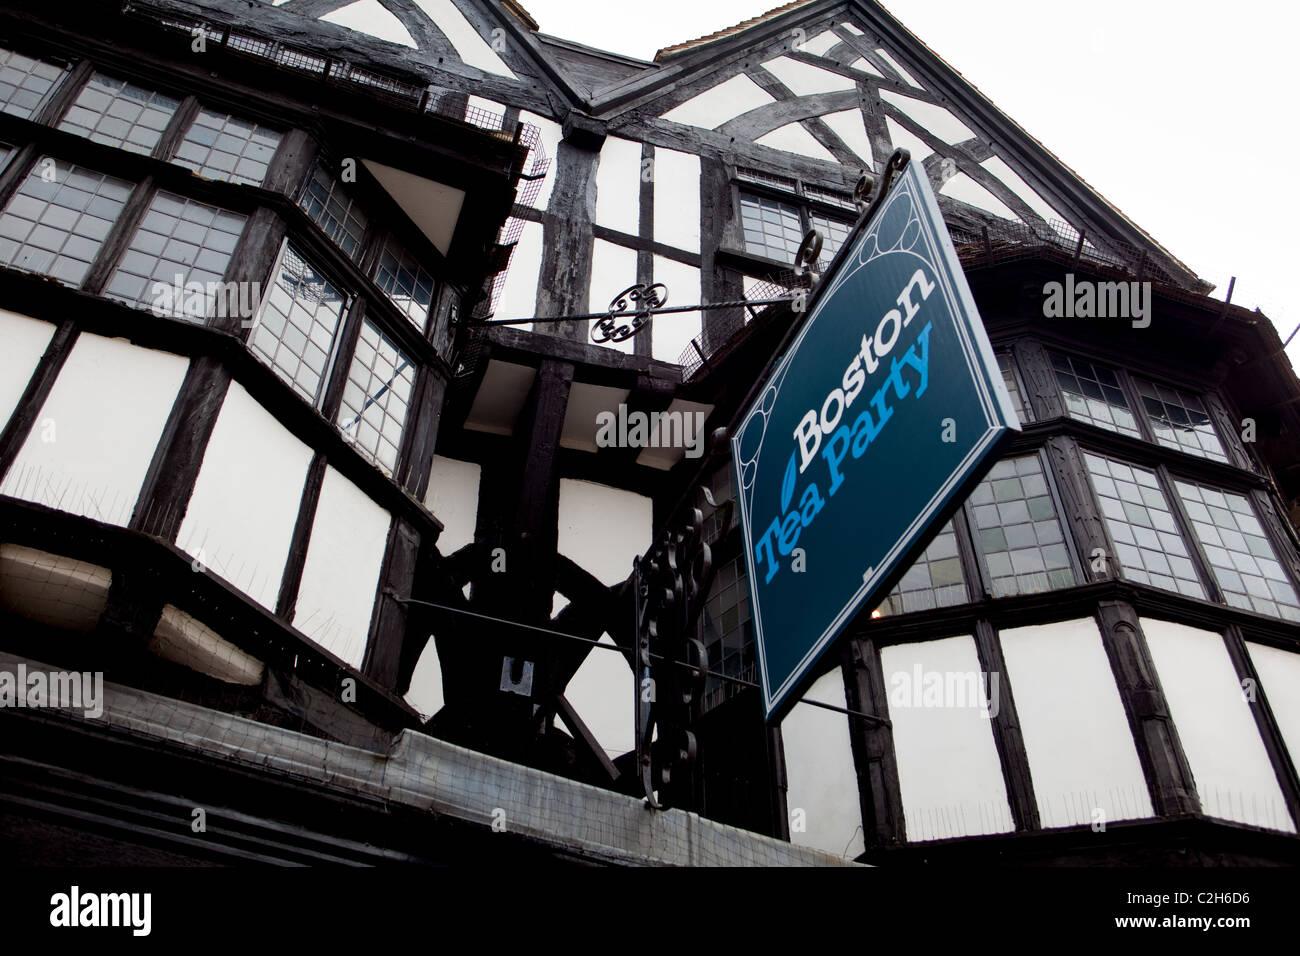 Teashop sign Salisbury old style architecture design  England UK Stock Photo